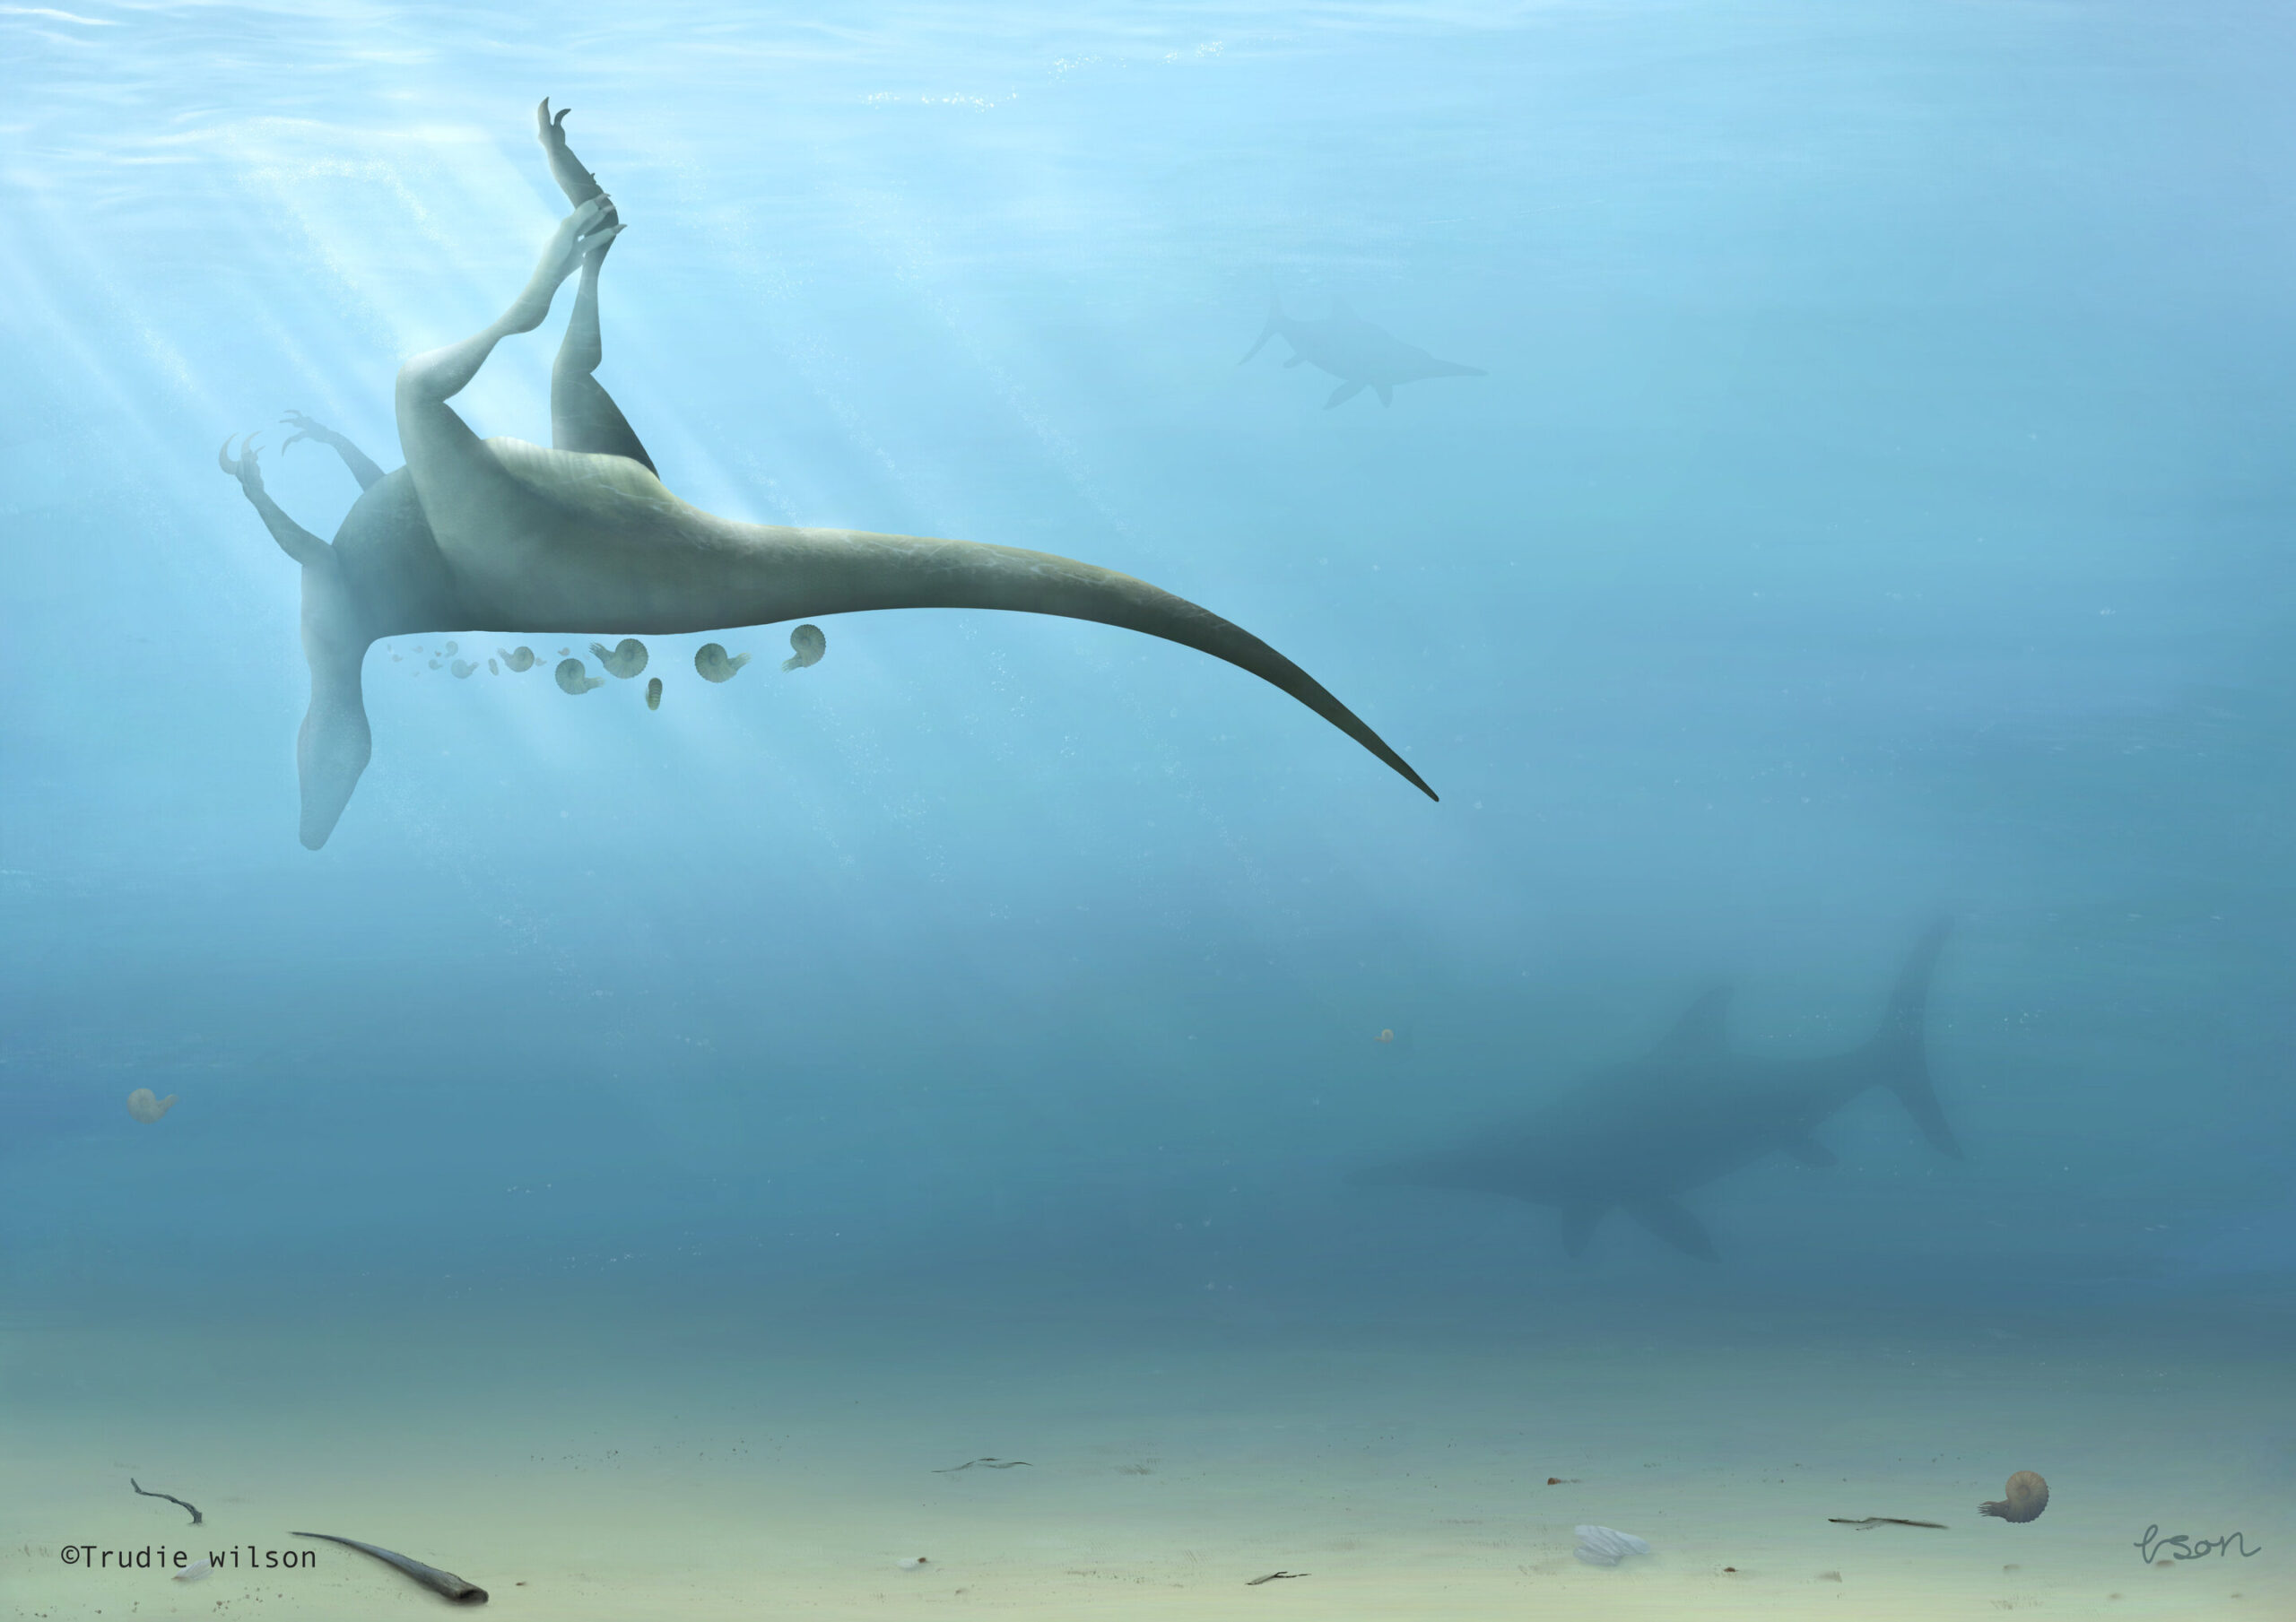 Палеонтологи обнаружили в Англии новый вид динозавра, родственный тираннозавру.Вокруг Света. Украина